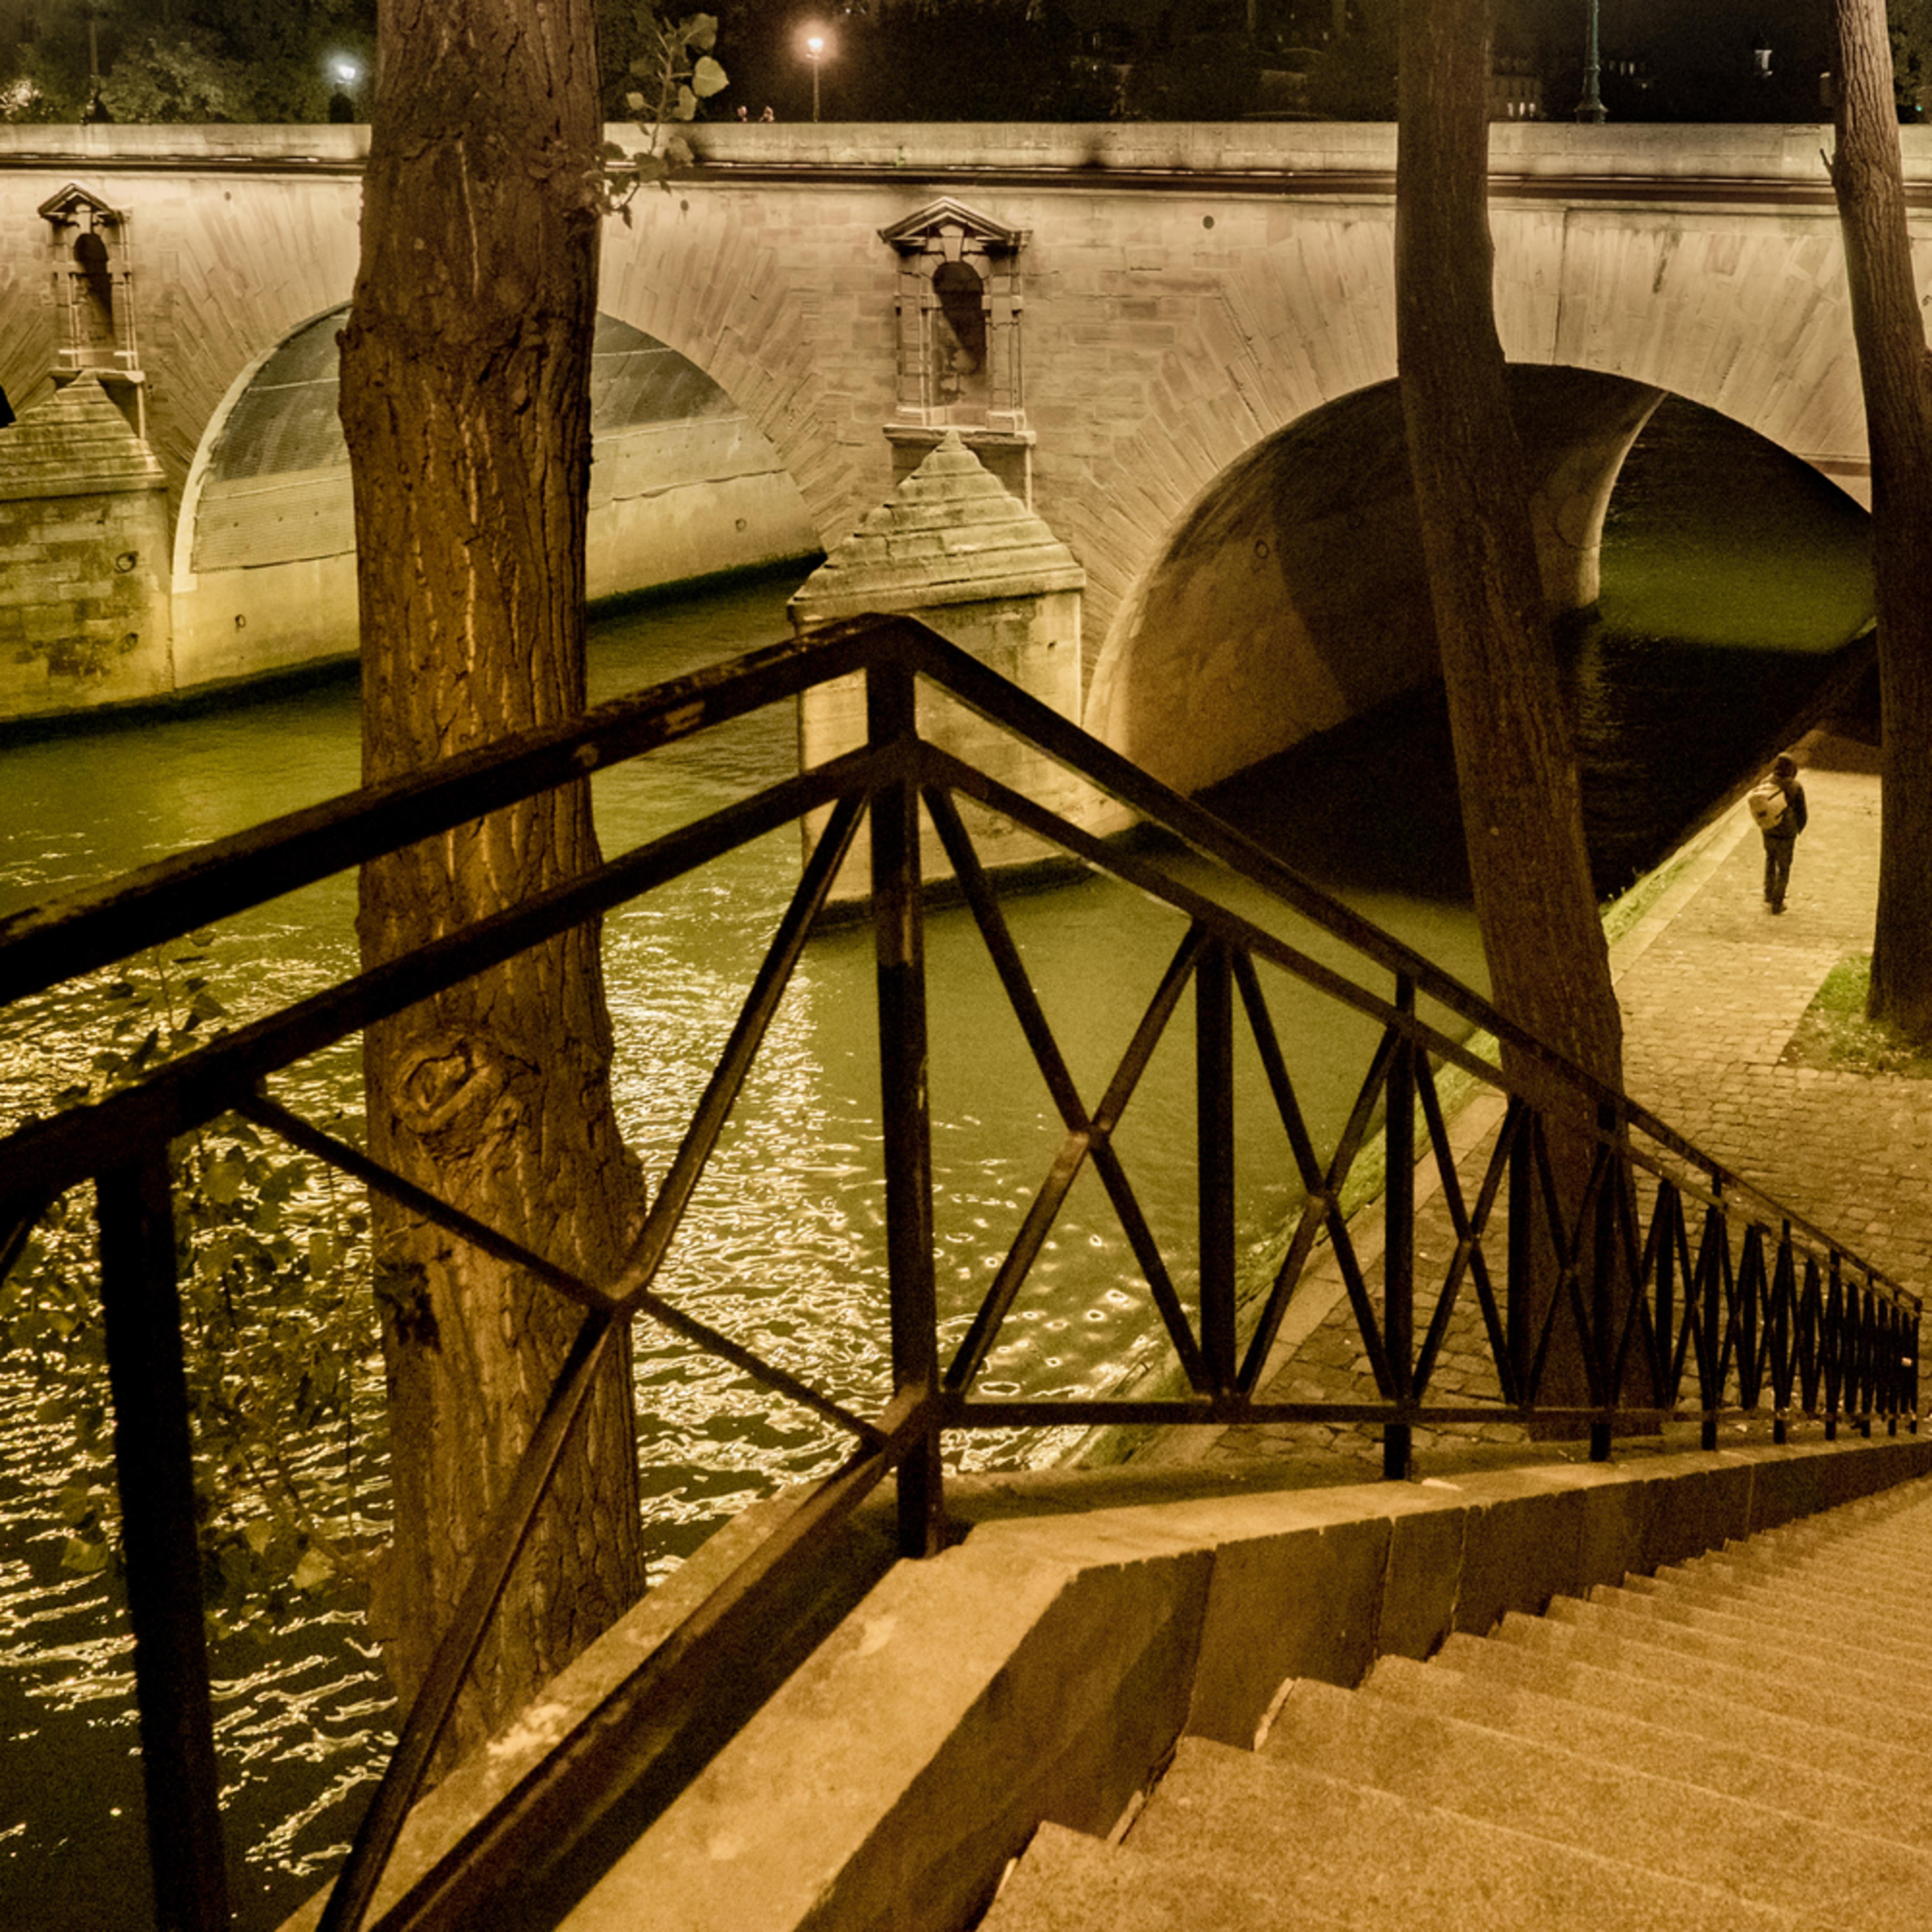 Paris 9 17 071 htmgtg